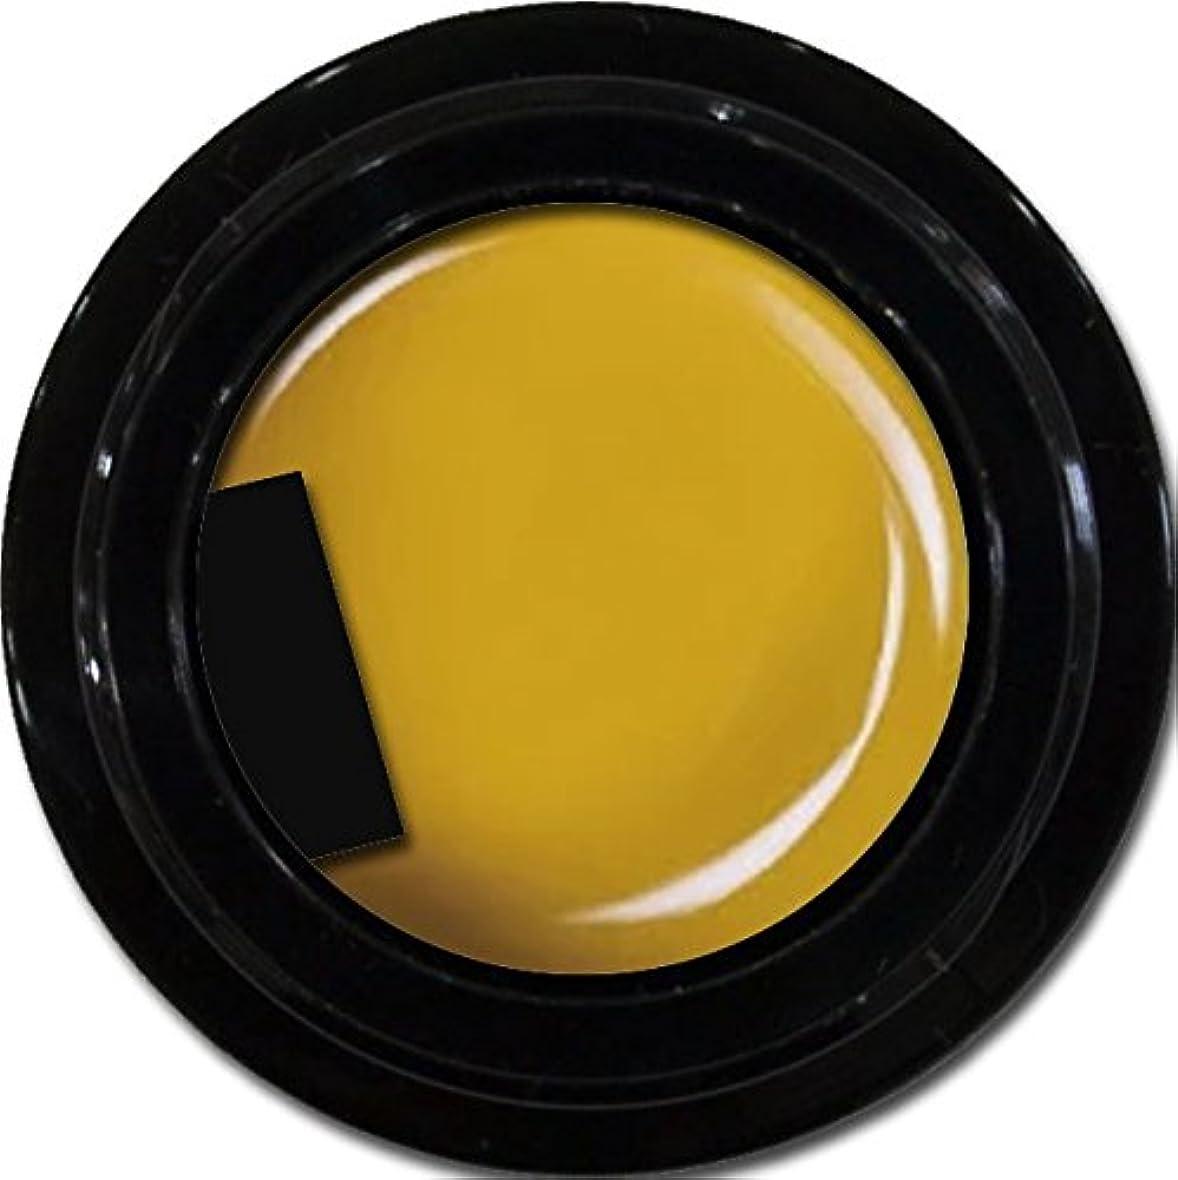 粘性の作成者顕微鏡カラージェル enchant color gel M605 Cameron3g/ マットカラージェル M605キャメロン 3グラム